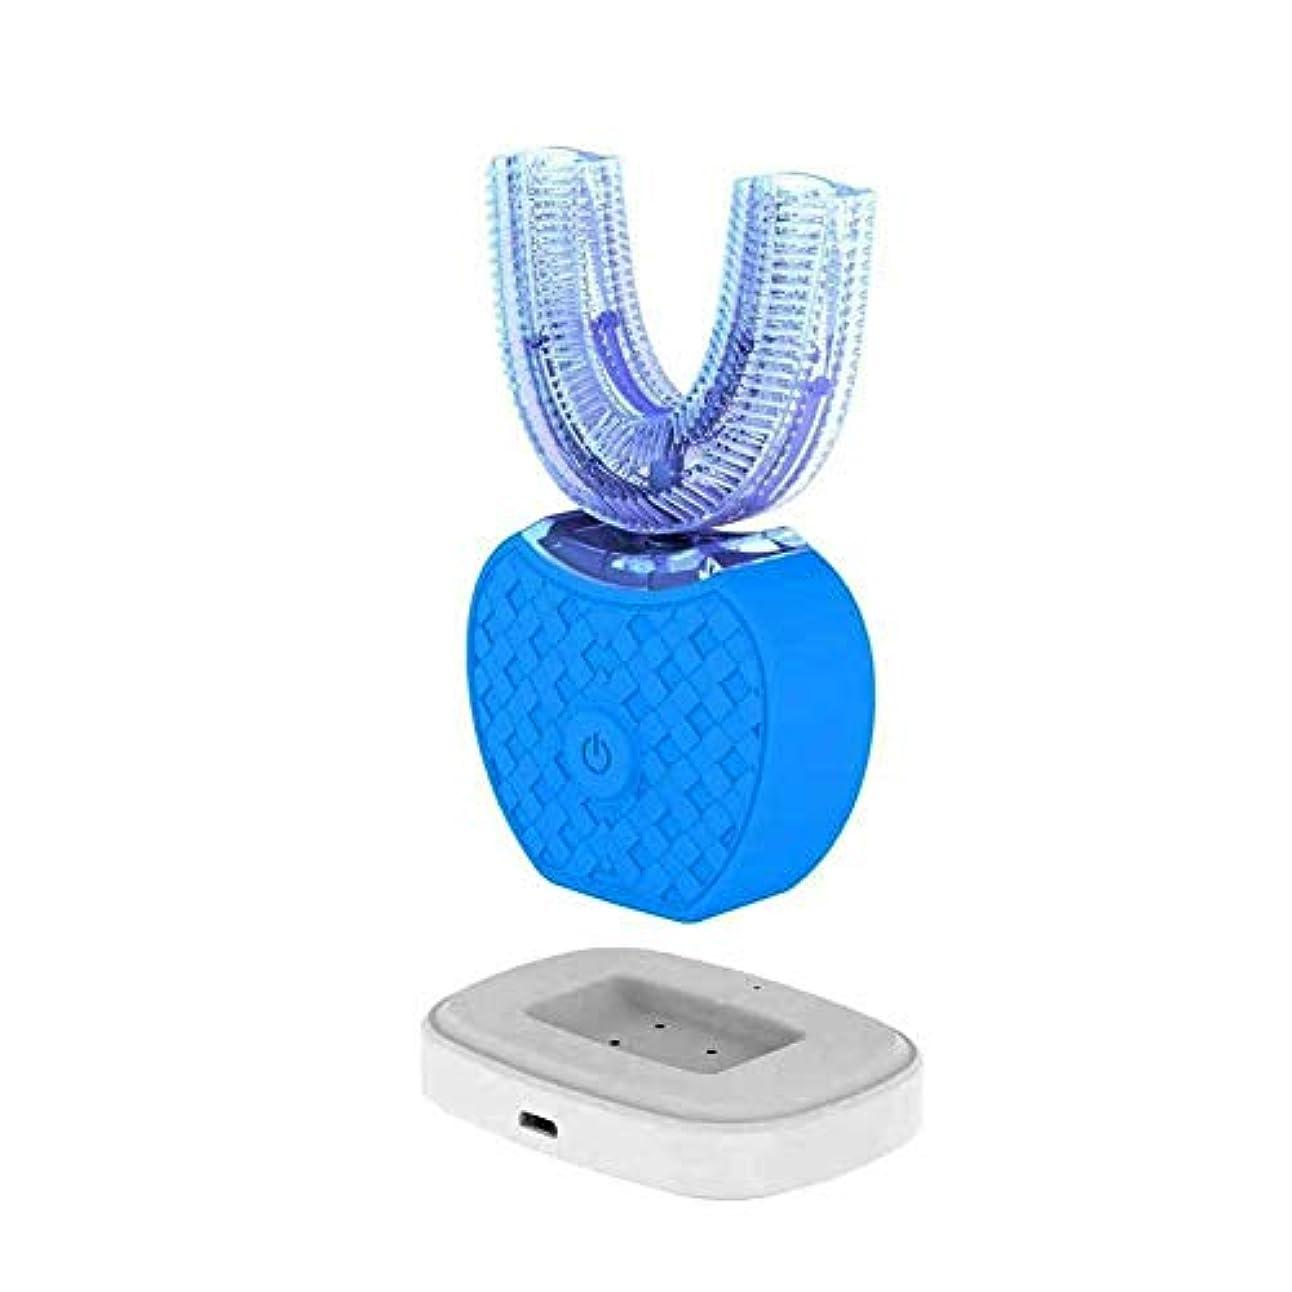 意外生きる時々新しい電動歯ブラシ、V-white超音波歯ブラシは全自動で360°全方位で洗浄して、歯をきれいにして、歯茎をマッサージして、美白します。 (ブルー) [並行輸入品]